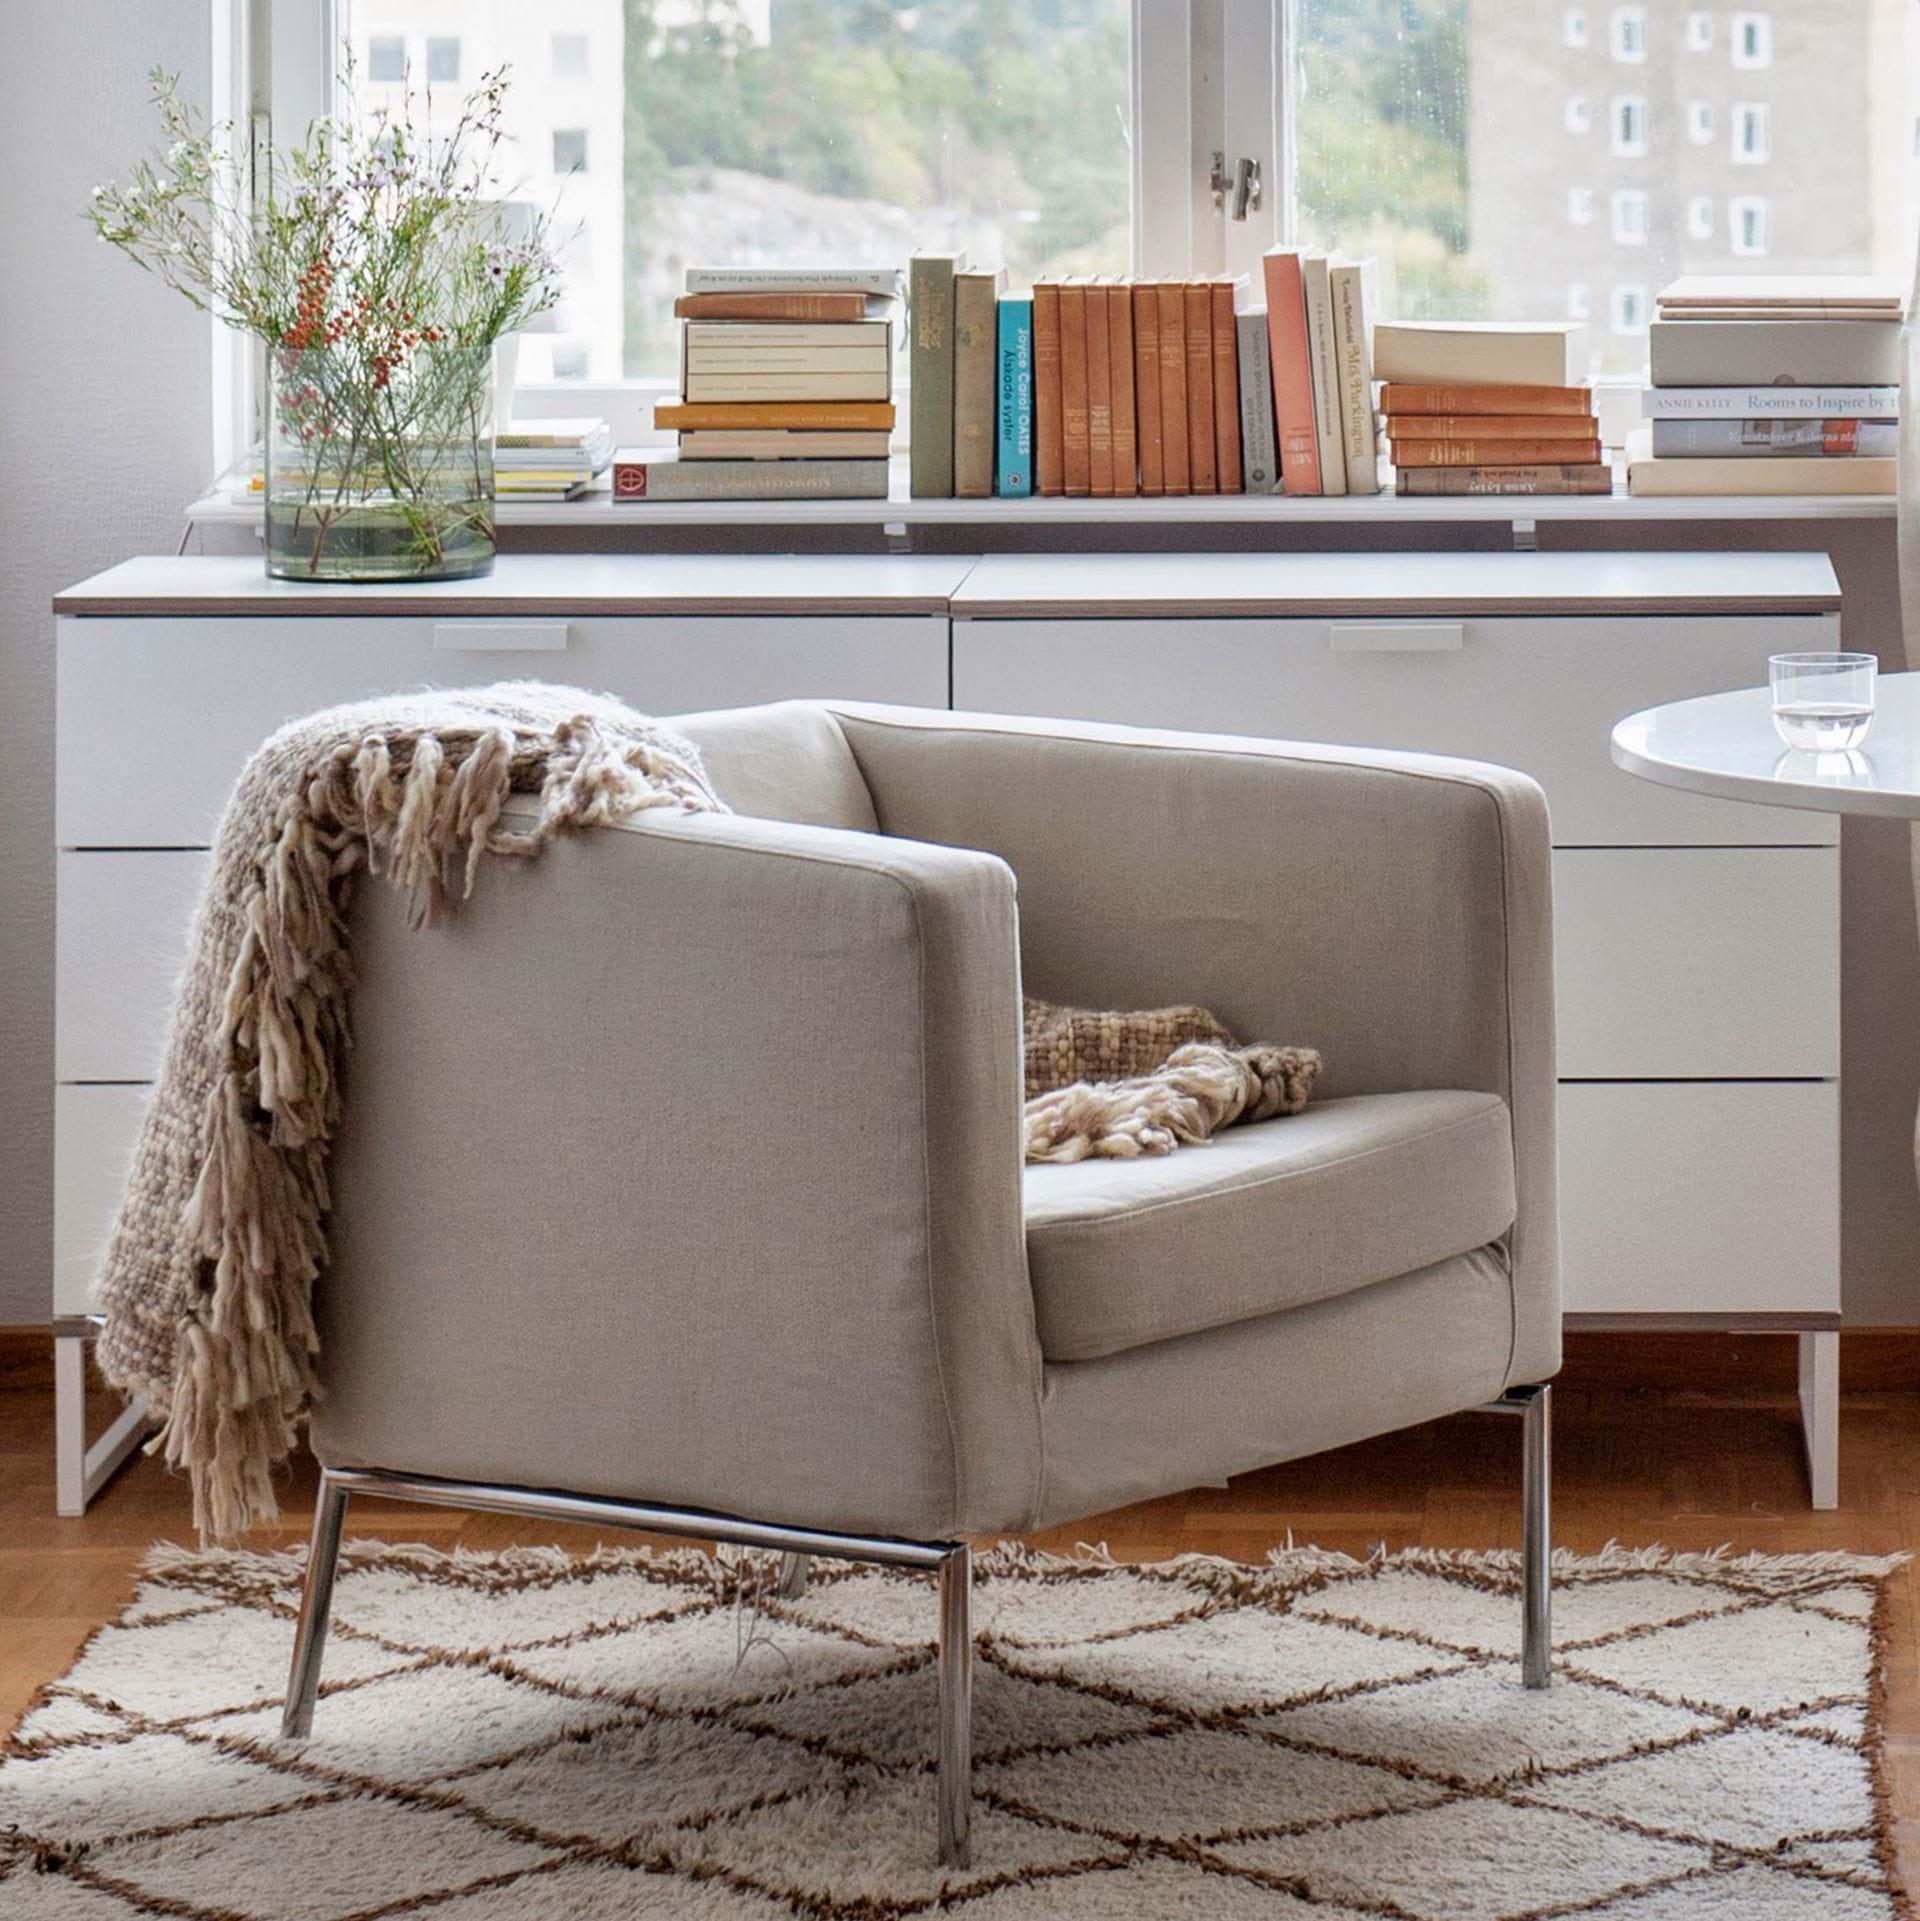 Stupendous Ikea Klappsta Armchair Cover Bemz Bemz Inzonedesignstudio Interior Chair Design Inzonedesignstudiocom